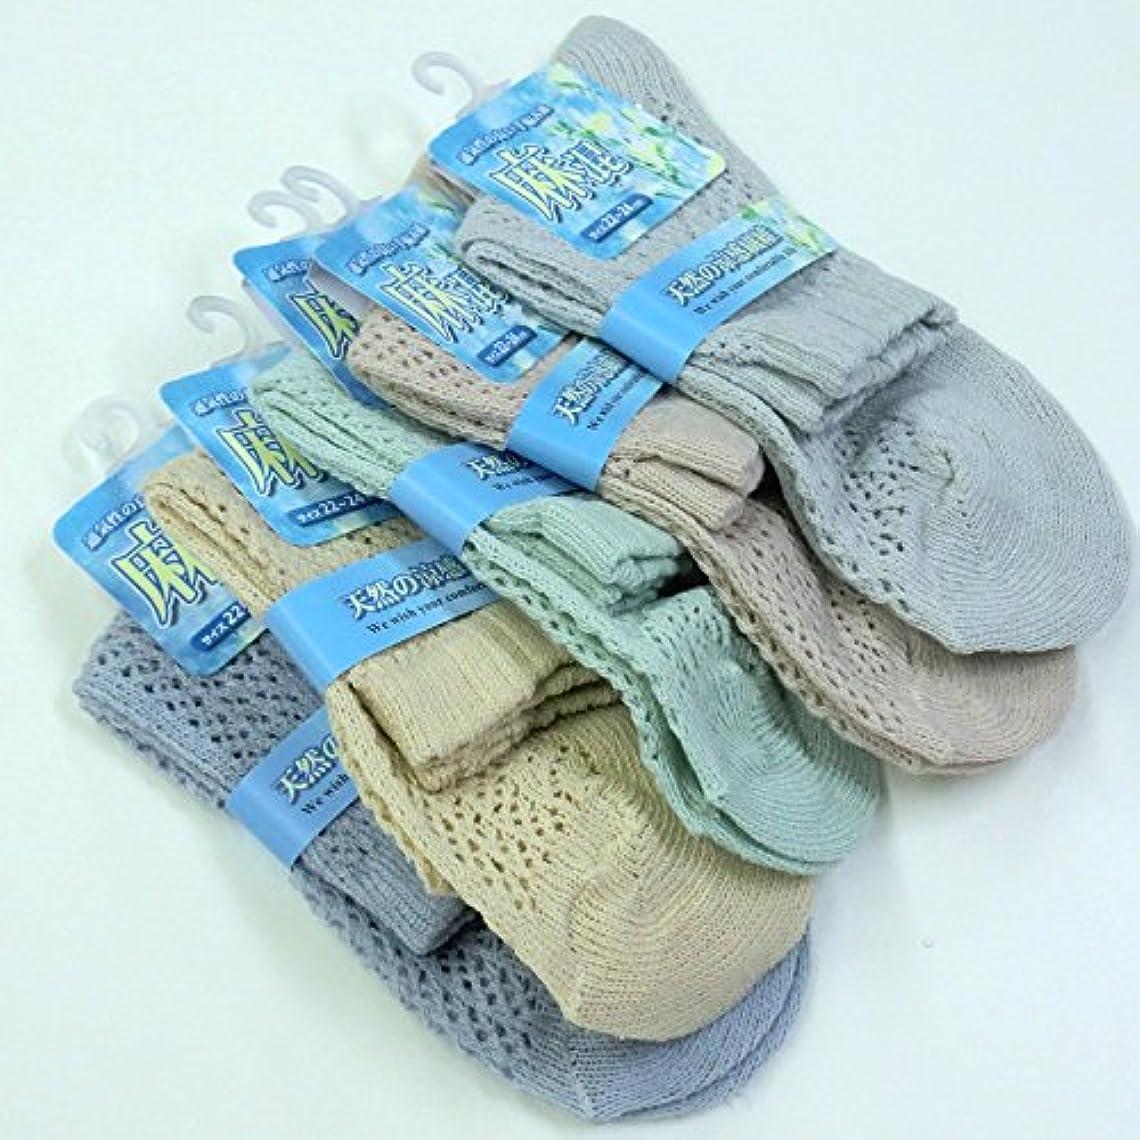 日の出集中伸ばす靴下 レディース 麻混 涼しいルミーソックス おしゃれ手編み風 5色5足組